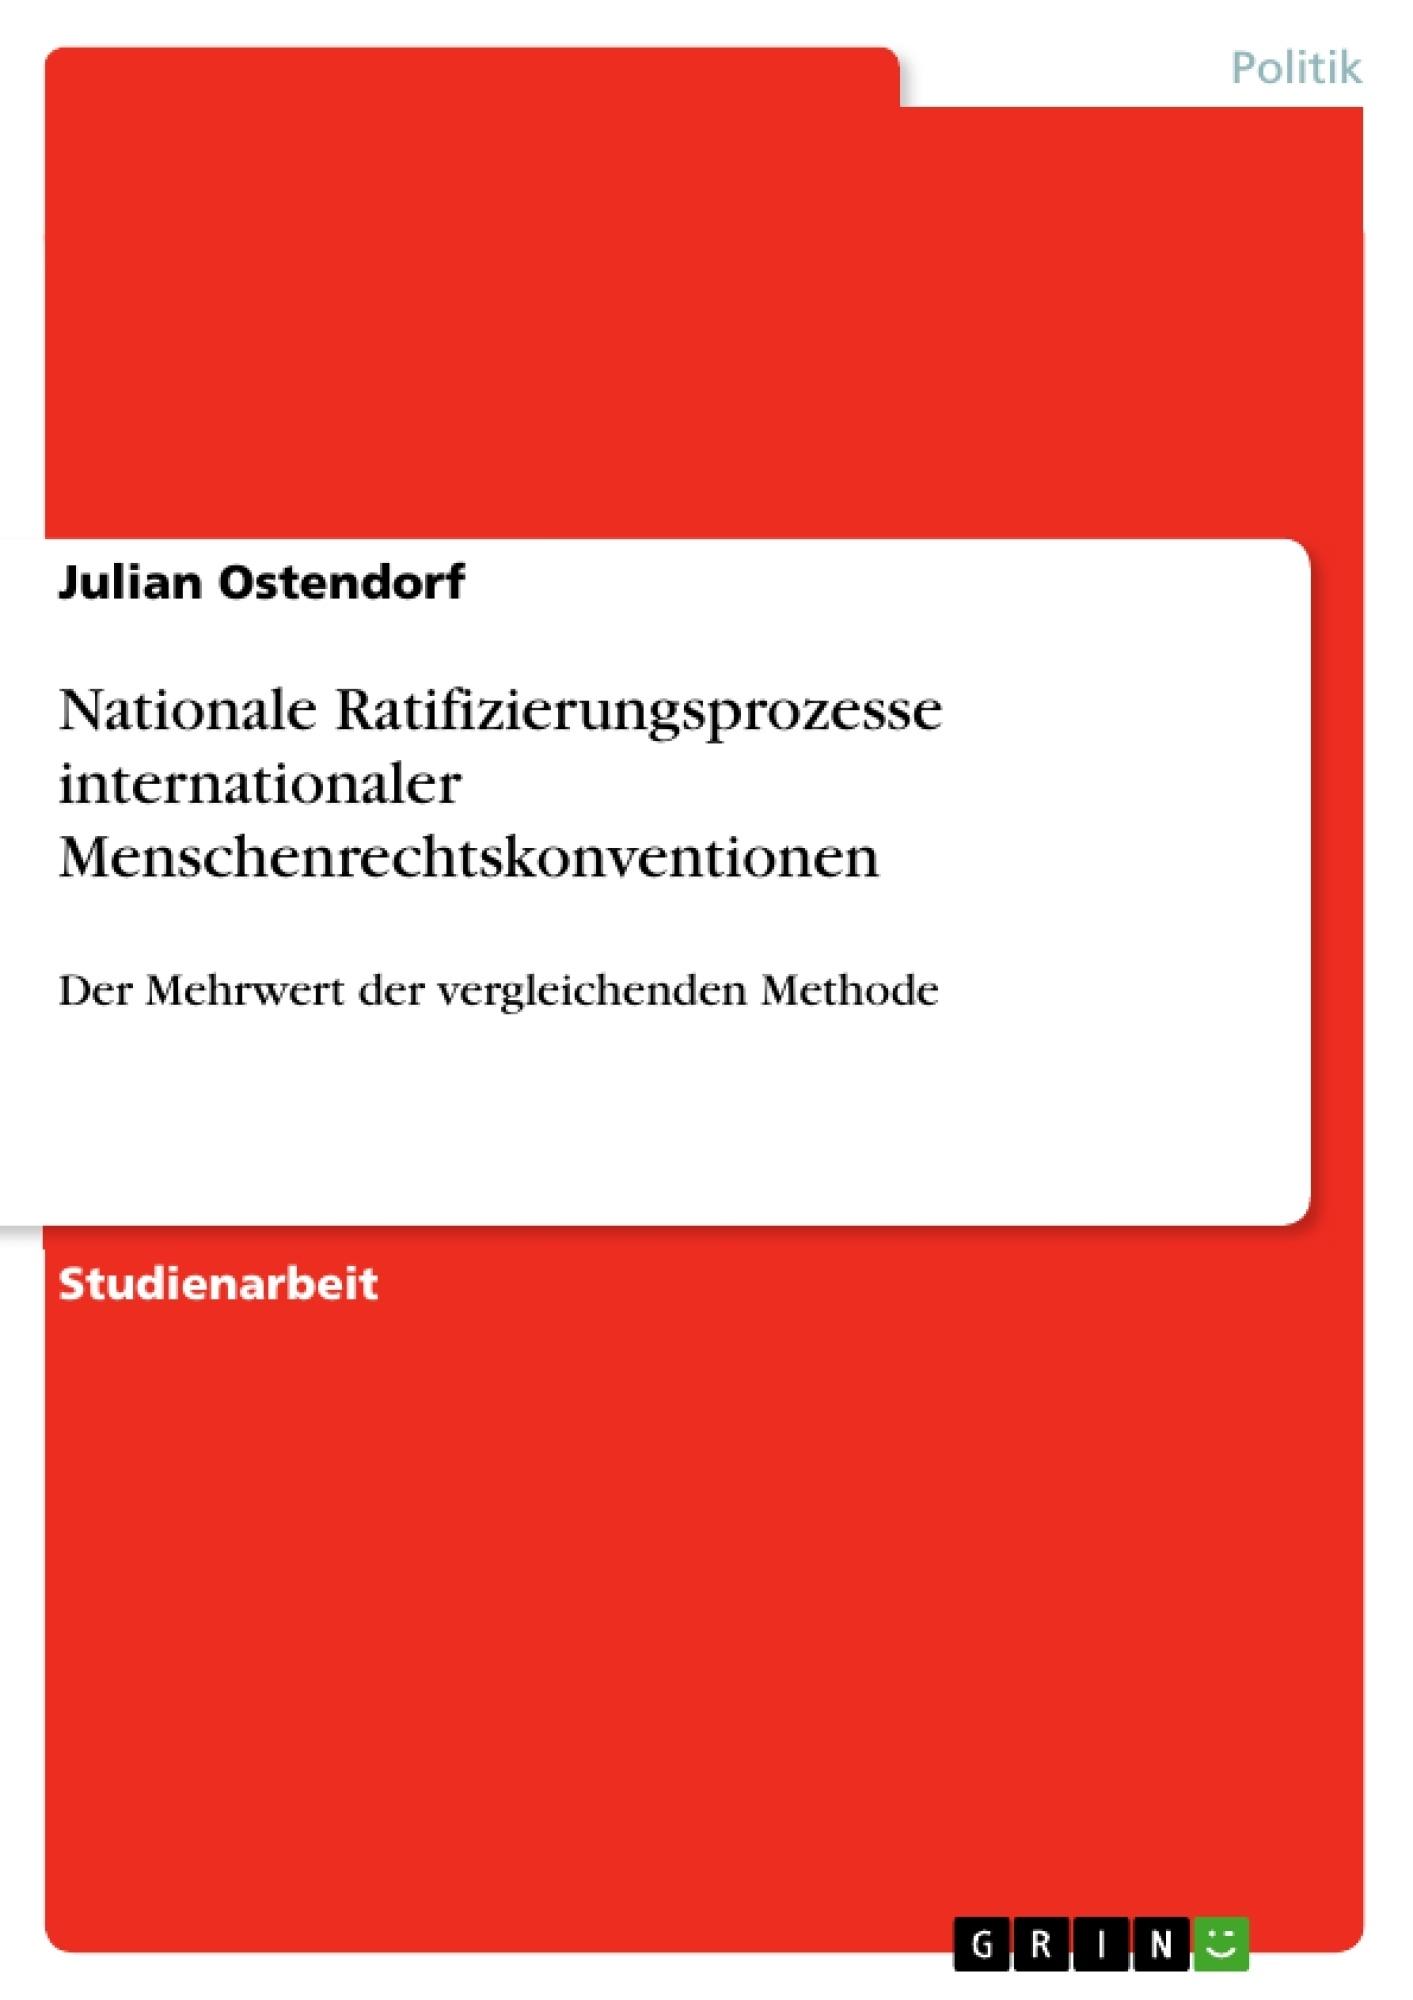 Titel: Nationale Ratifizierungsprozesse internationaler Menschenrechtskonventionen